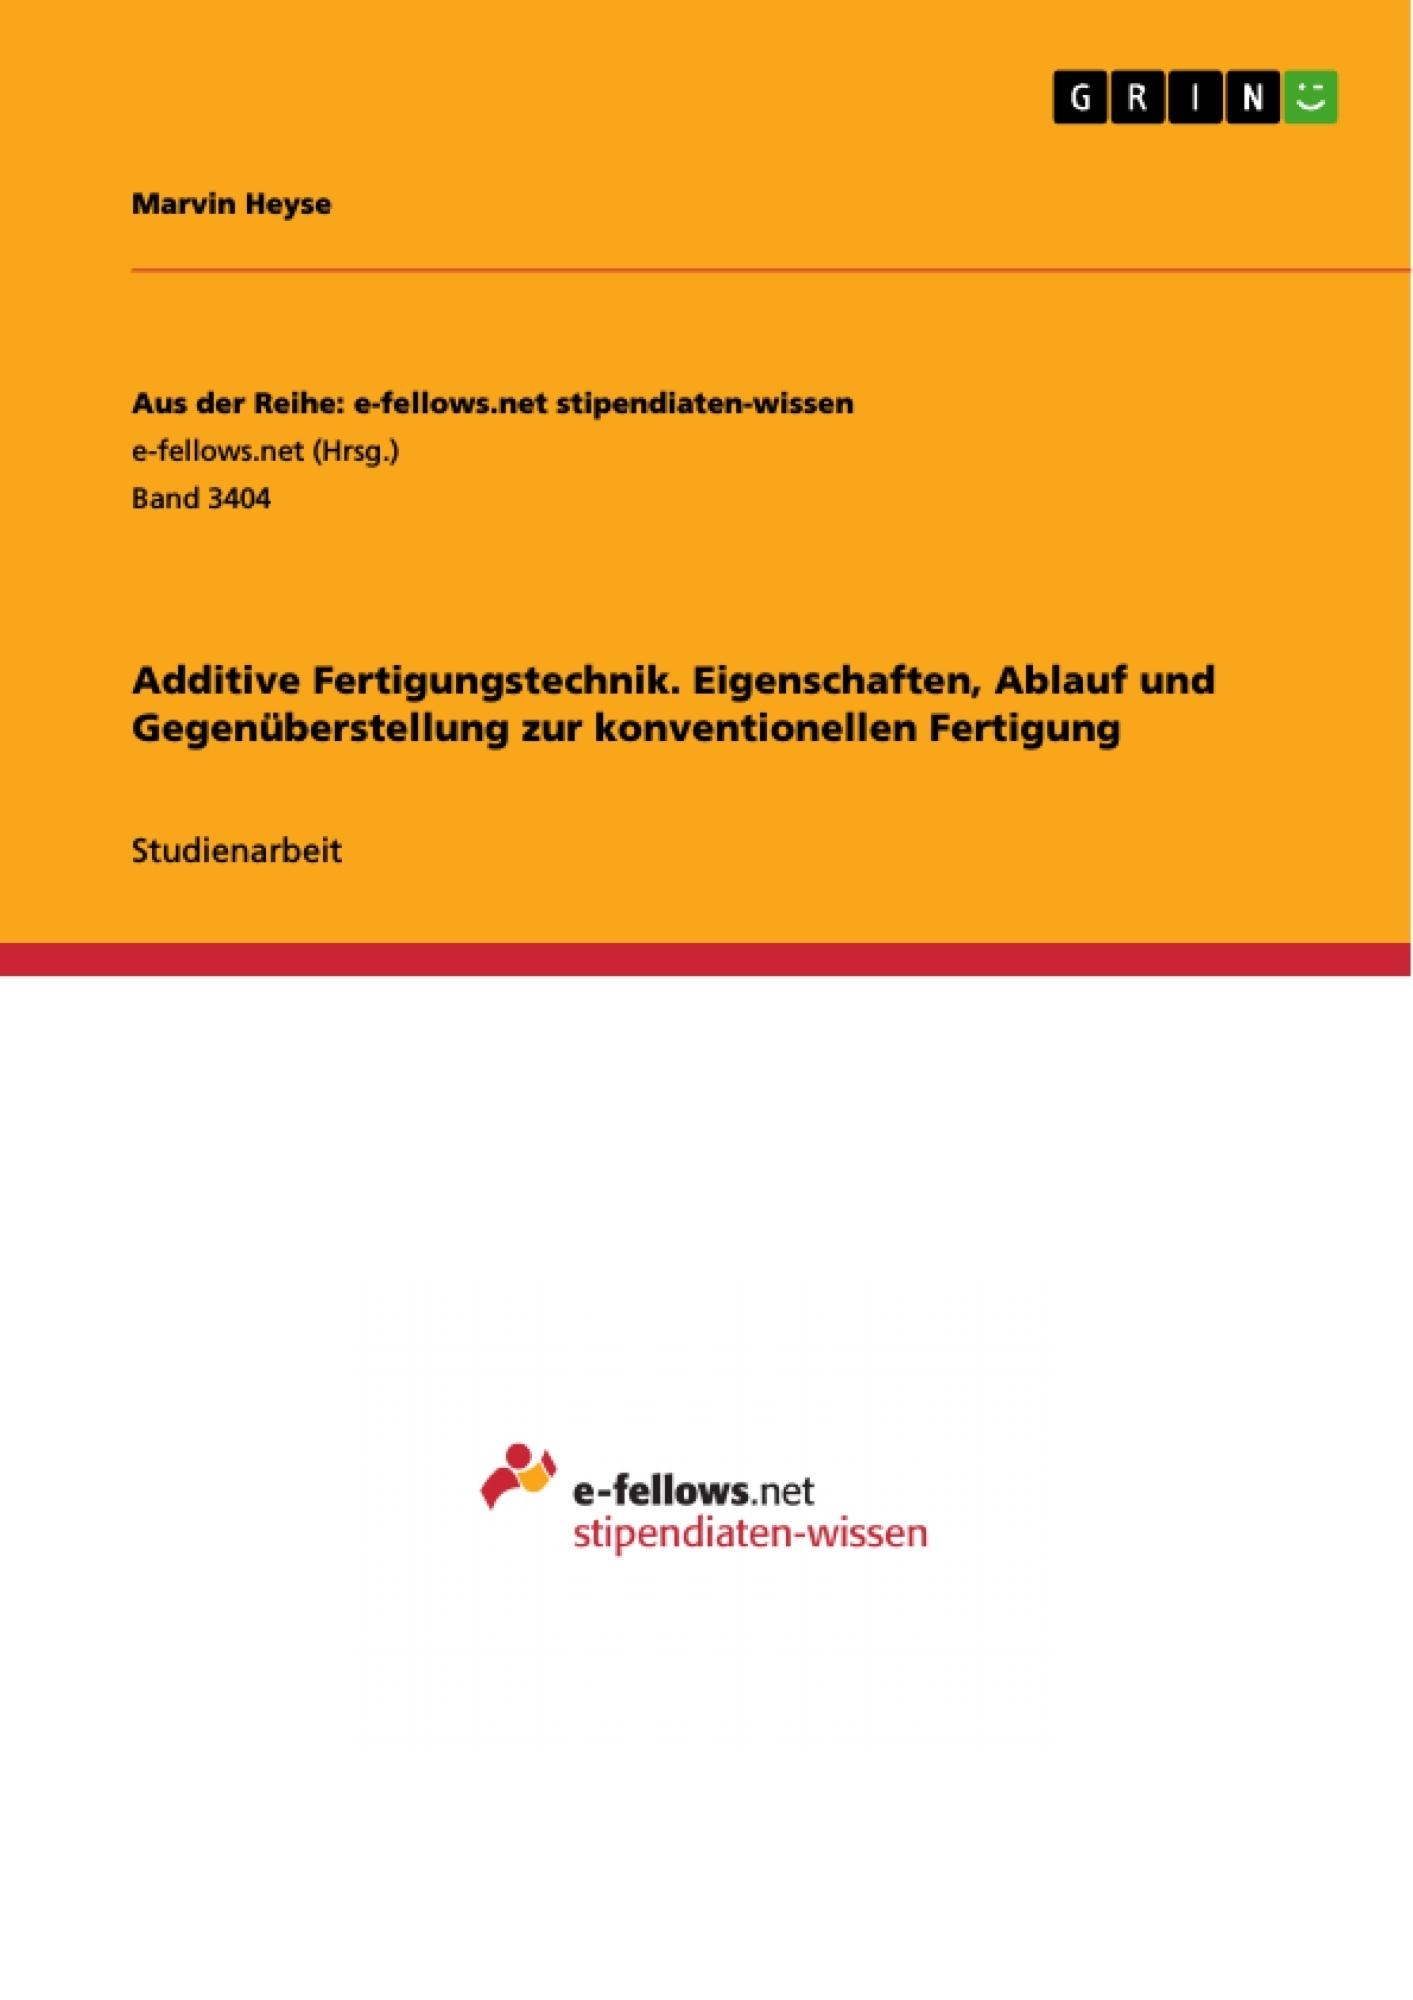 Titel: Additive Fertigungstechnik. Eigenschaften, Ablauf und Gegenüberstellung zur konventionellen Fertigung